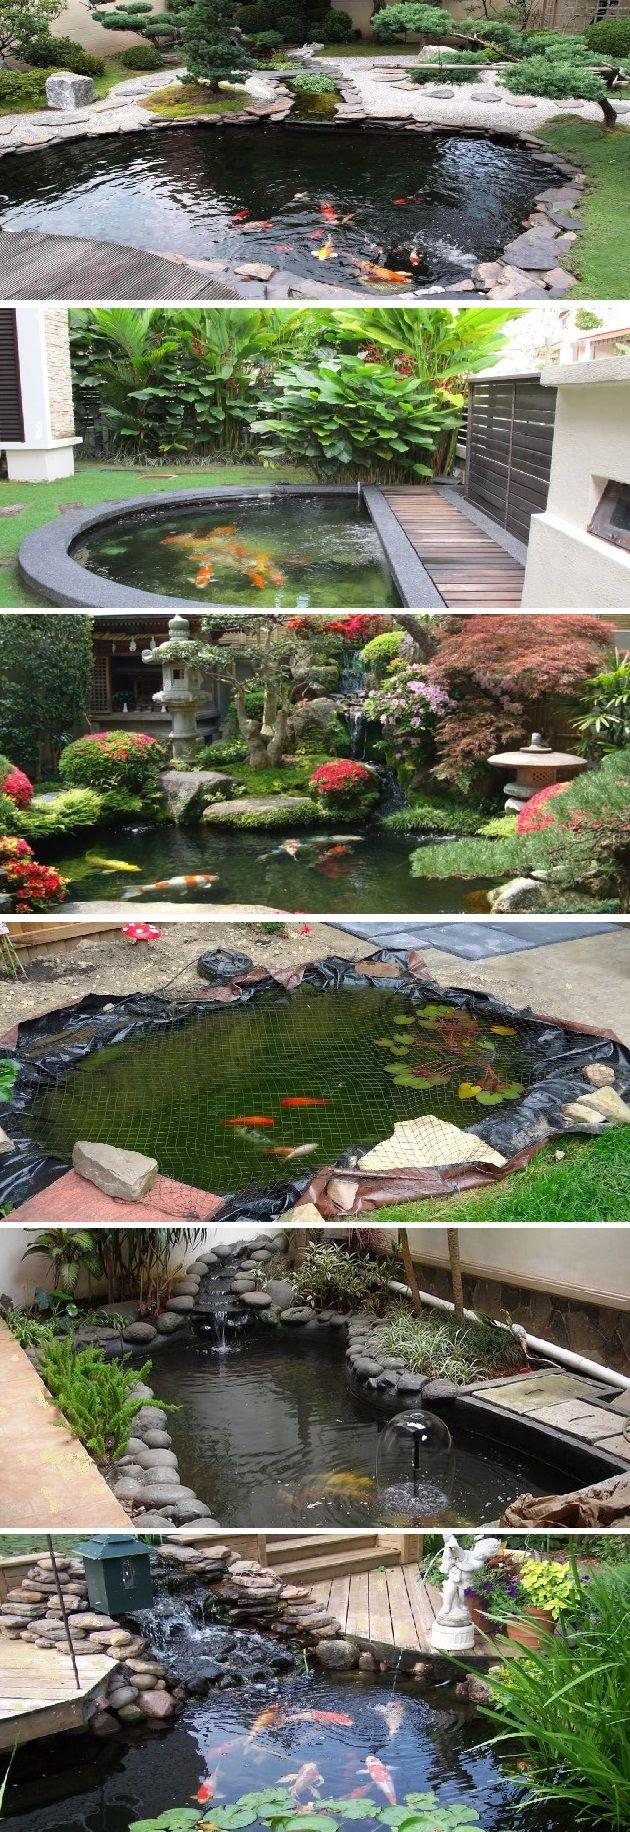 small koi pond design ideas - Koi Pond Design Ideas